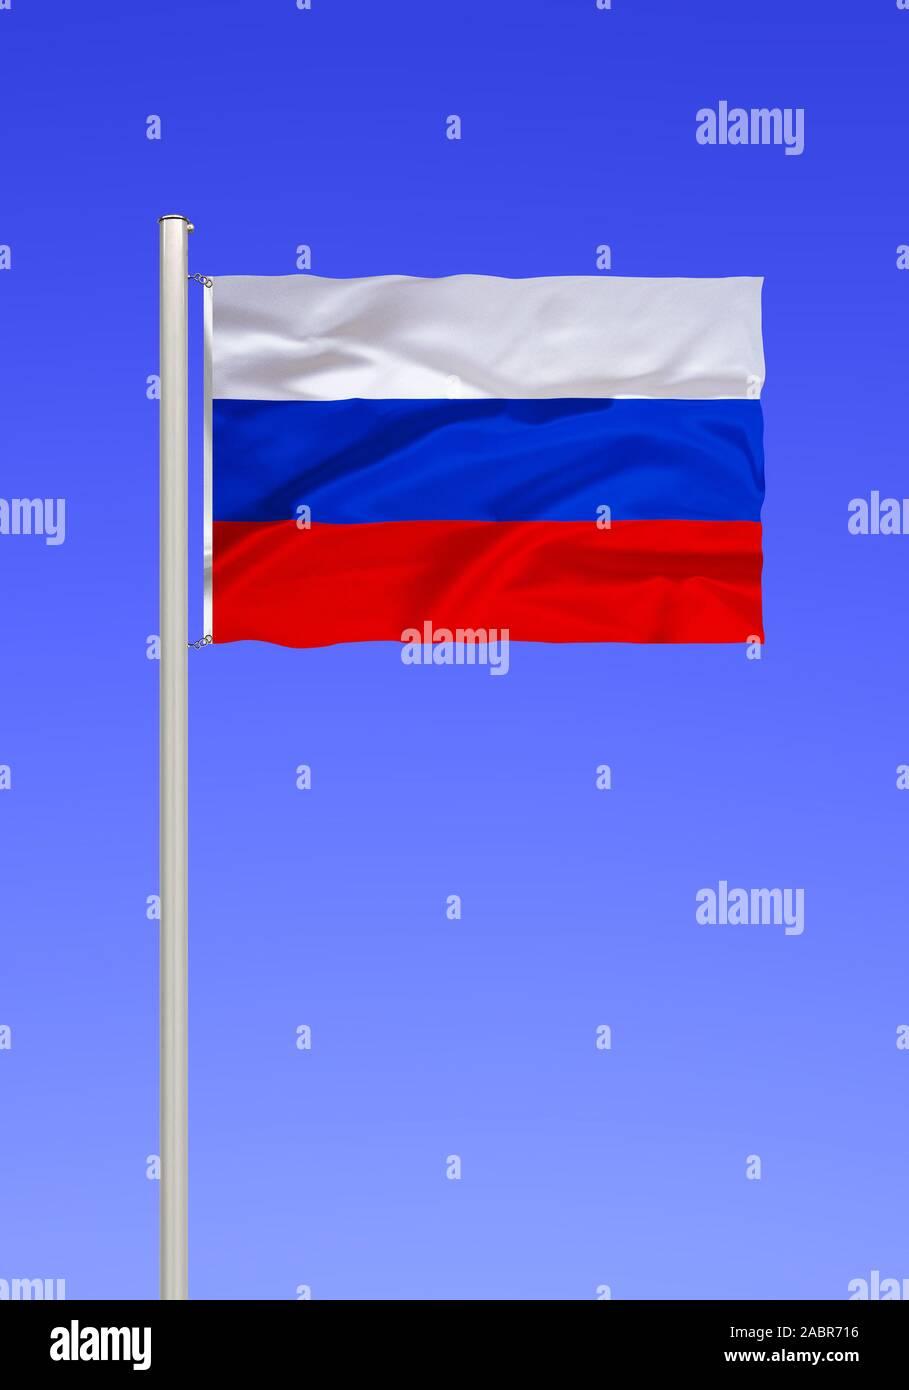 Flagge von Russland Stock Photo